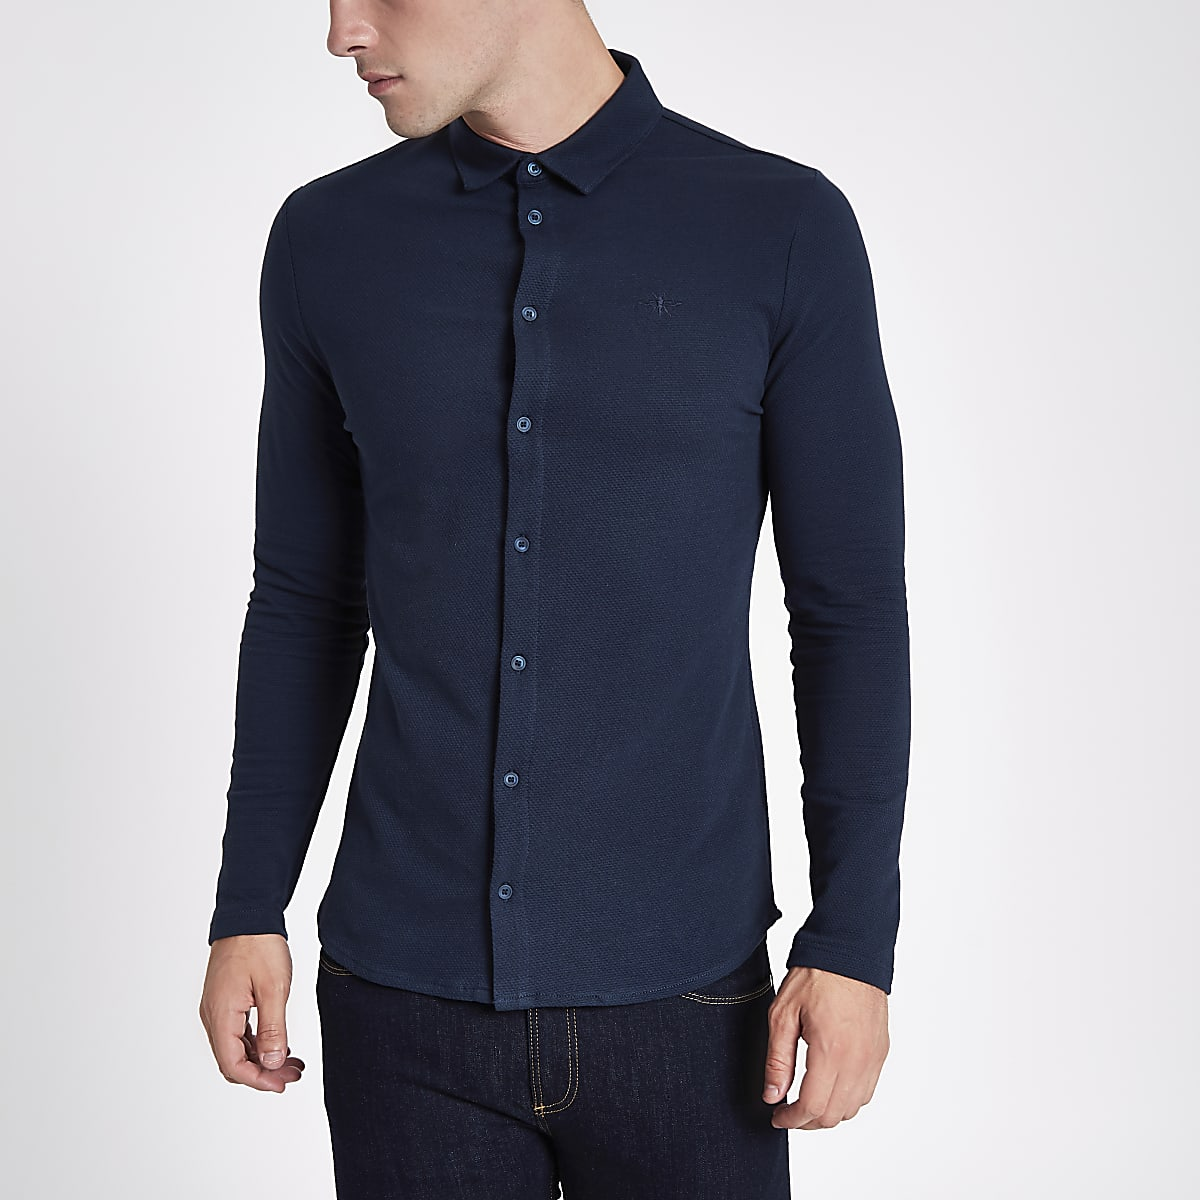 Chemise texturée bleu marine à manches longues et boutons